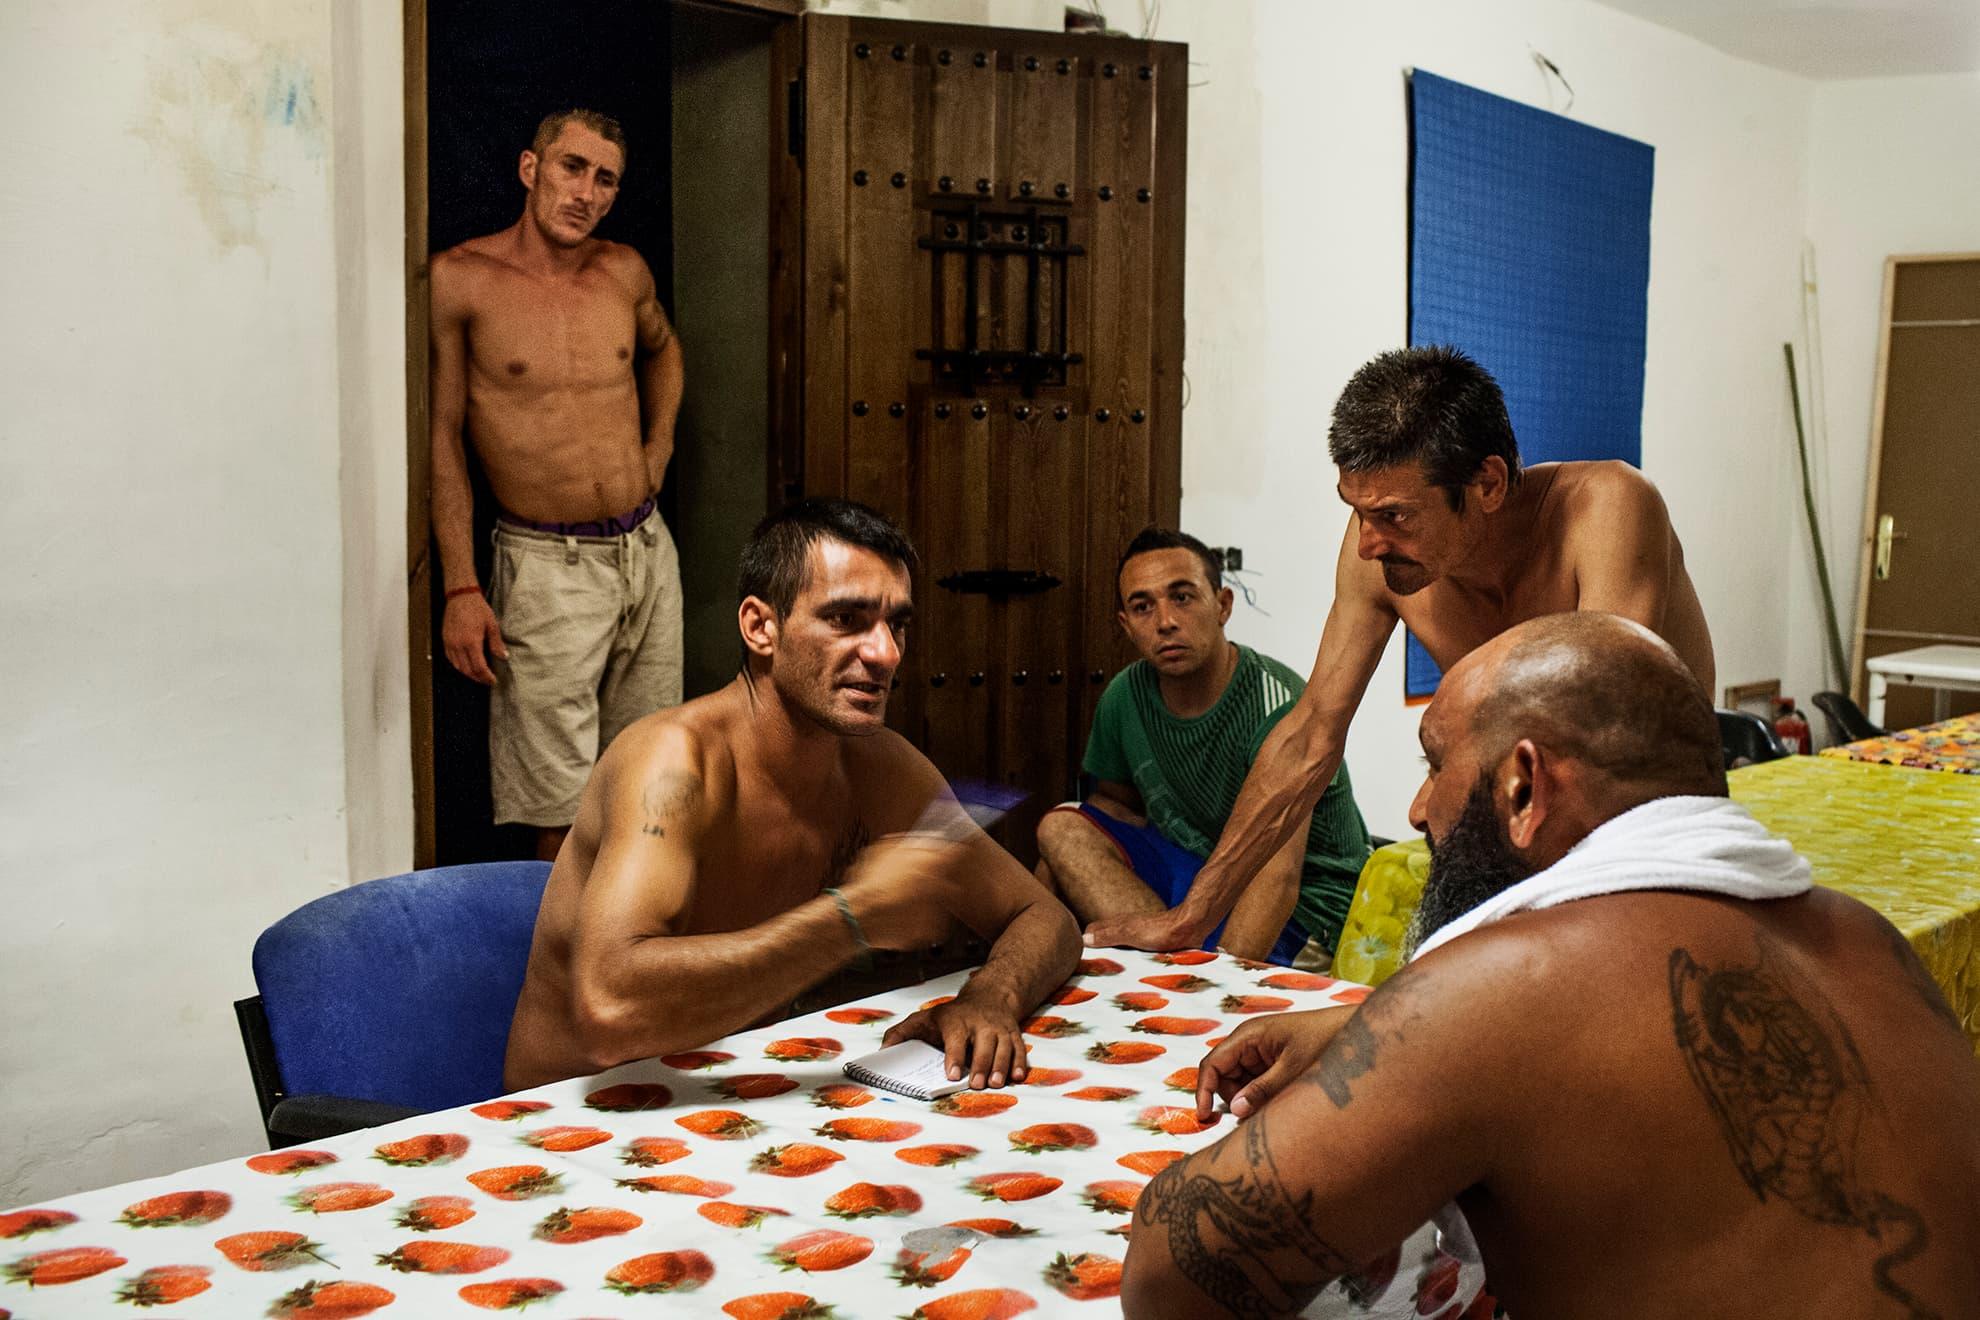 Chule y Fernando hablan de los planes de ampliar y construir mas habitaciones en La Casa de la Buena Vida. Mascota mira desde el umbral y David escucha y observa los planos.